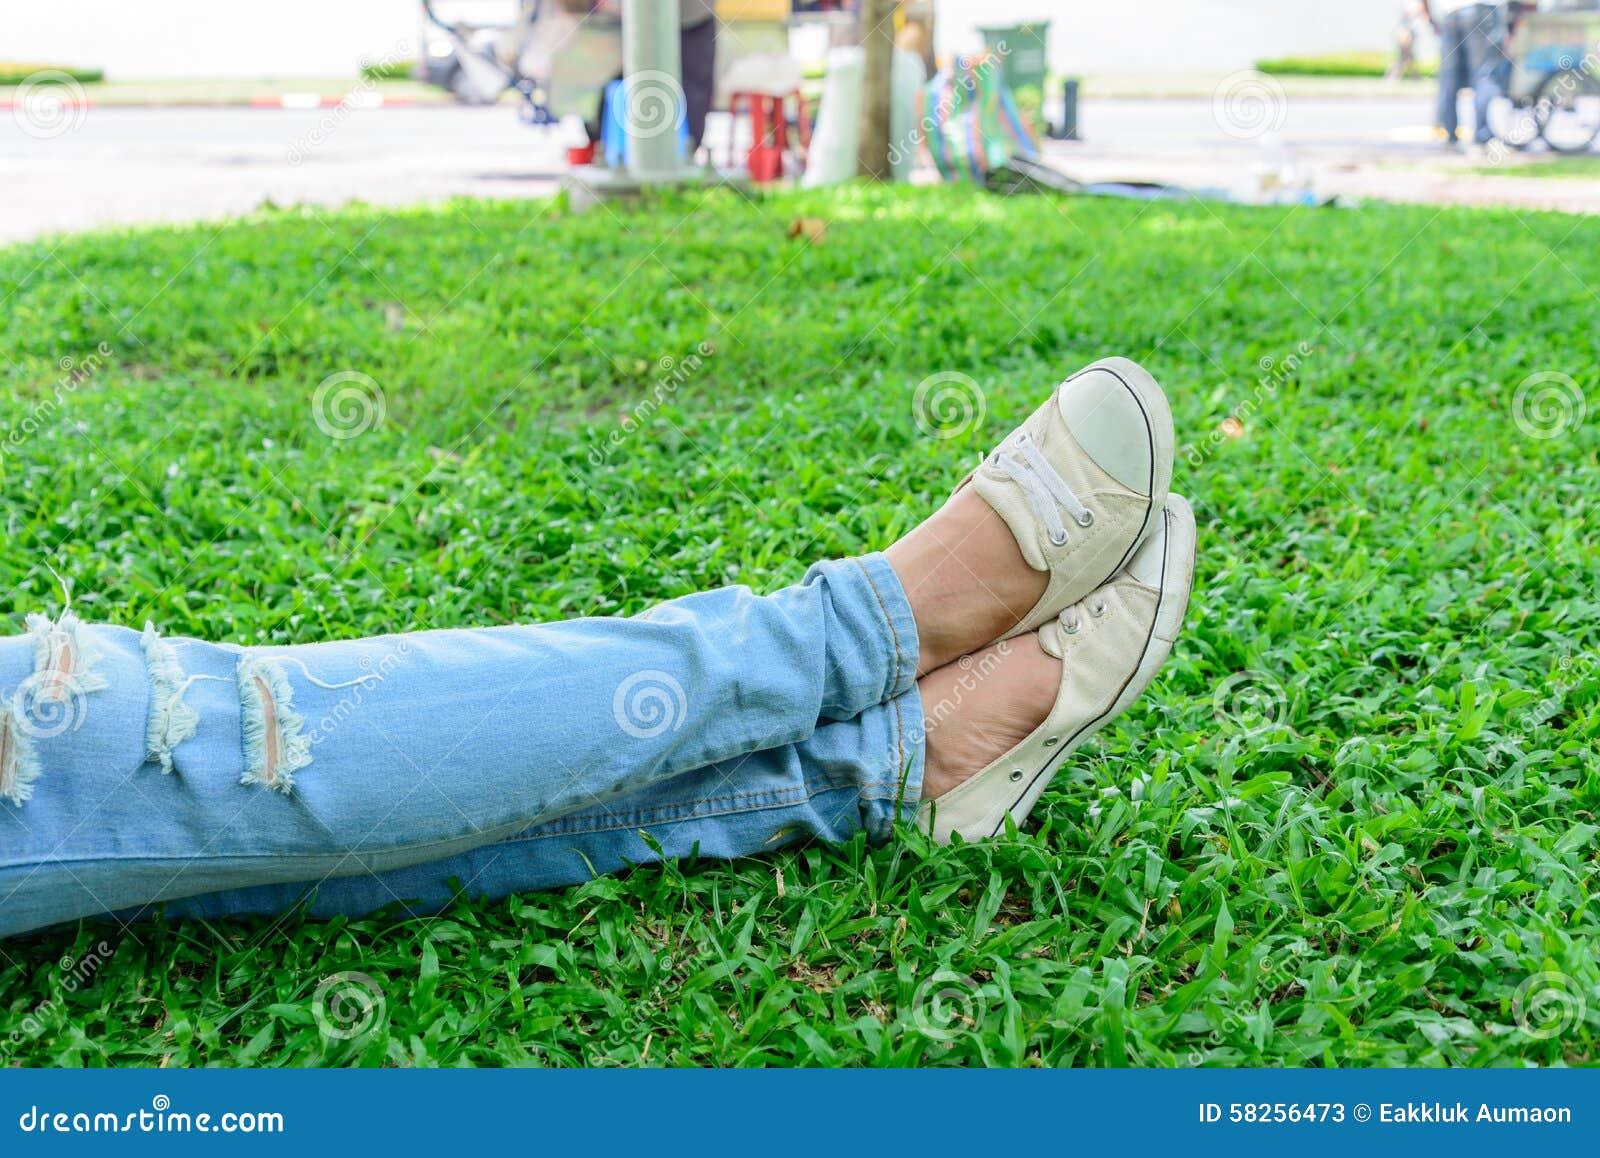 Jambes cultivées de femme en denim avec les espadrilles blanches se reposant sur l herbe